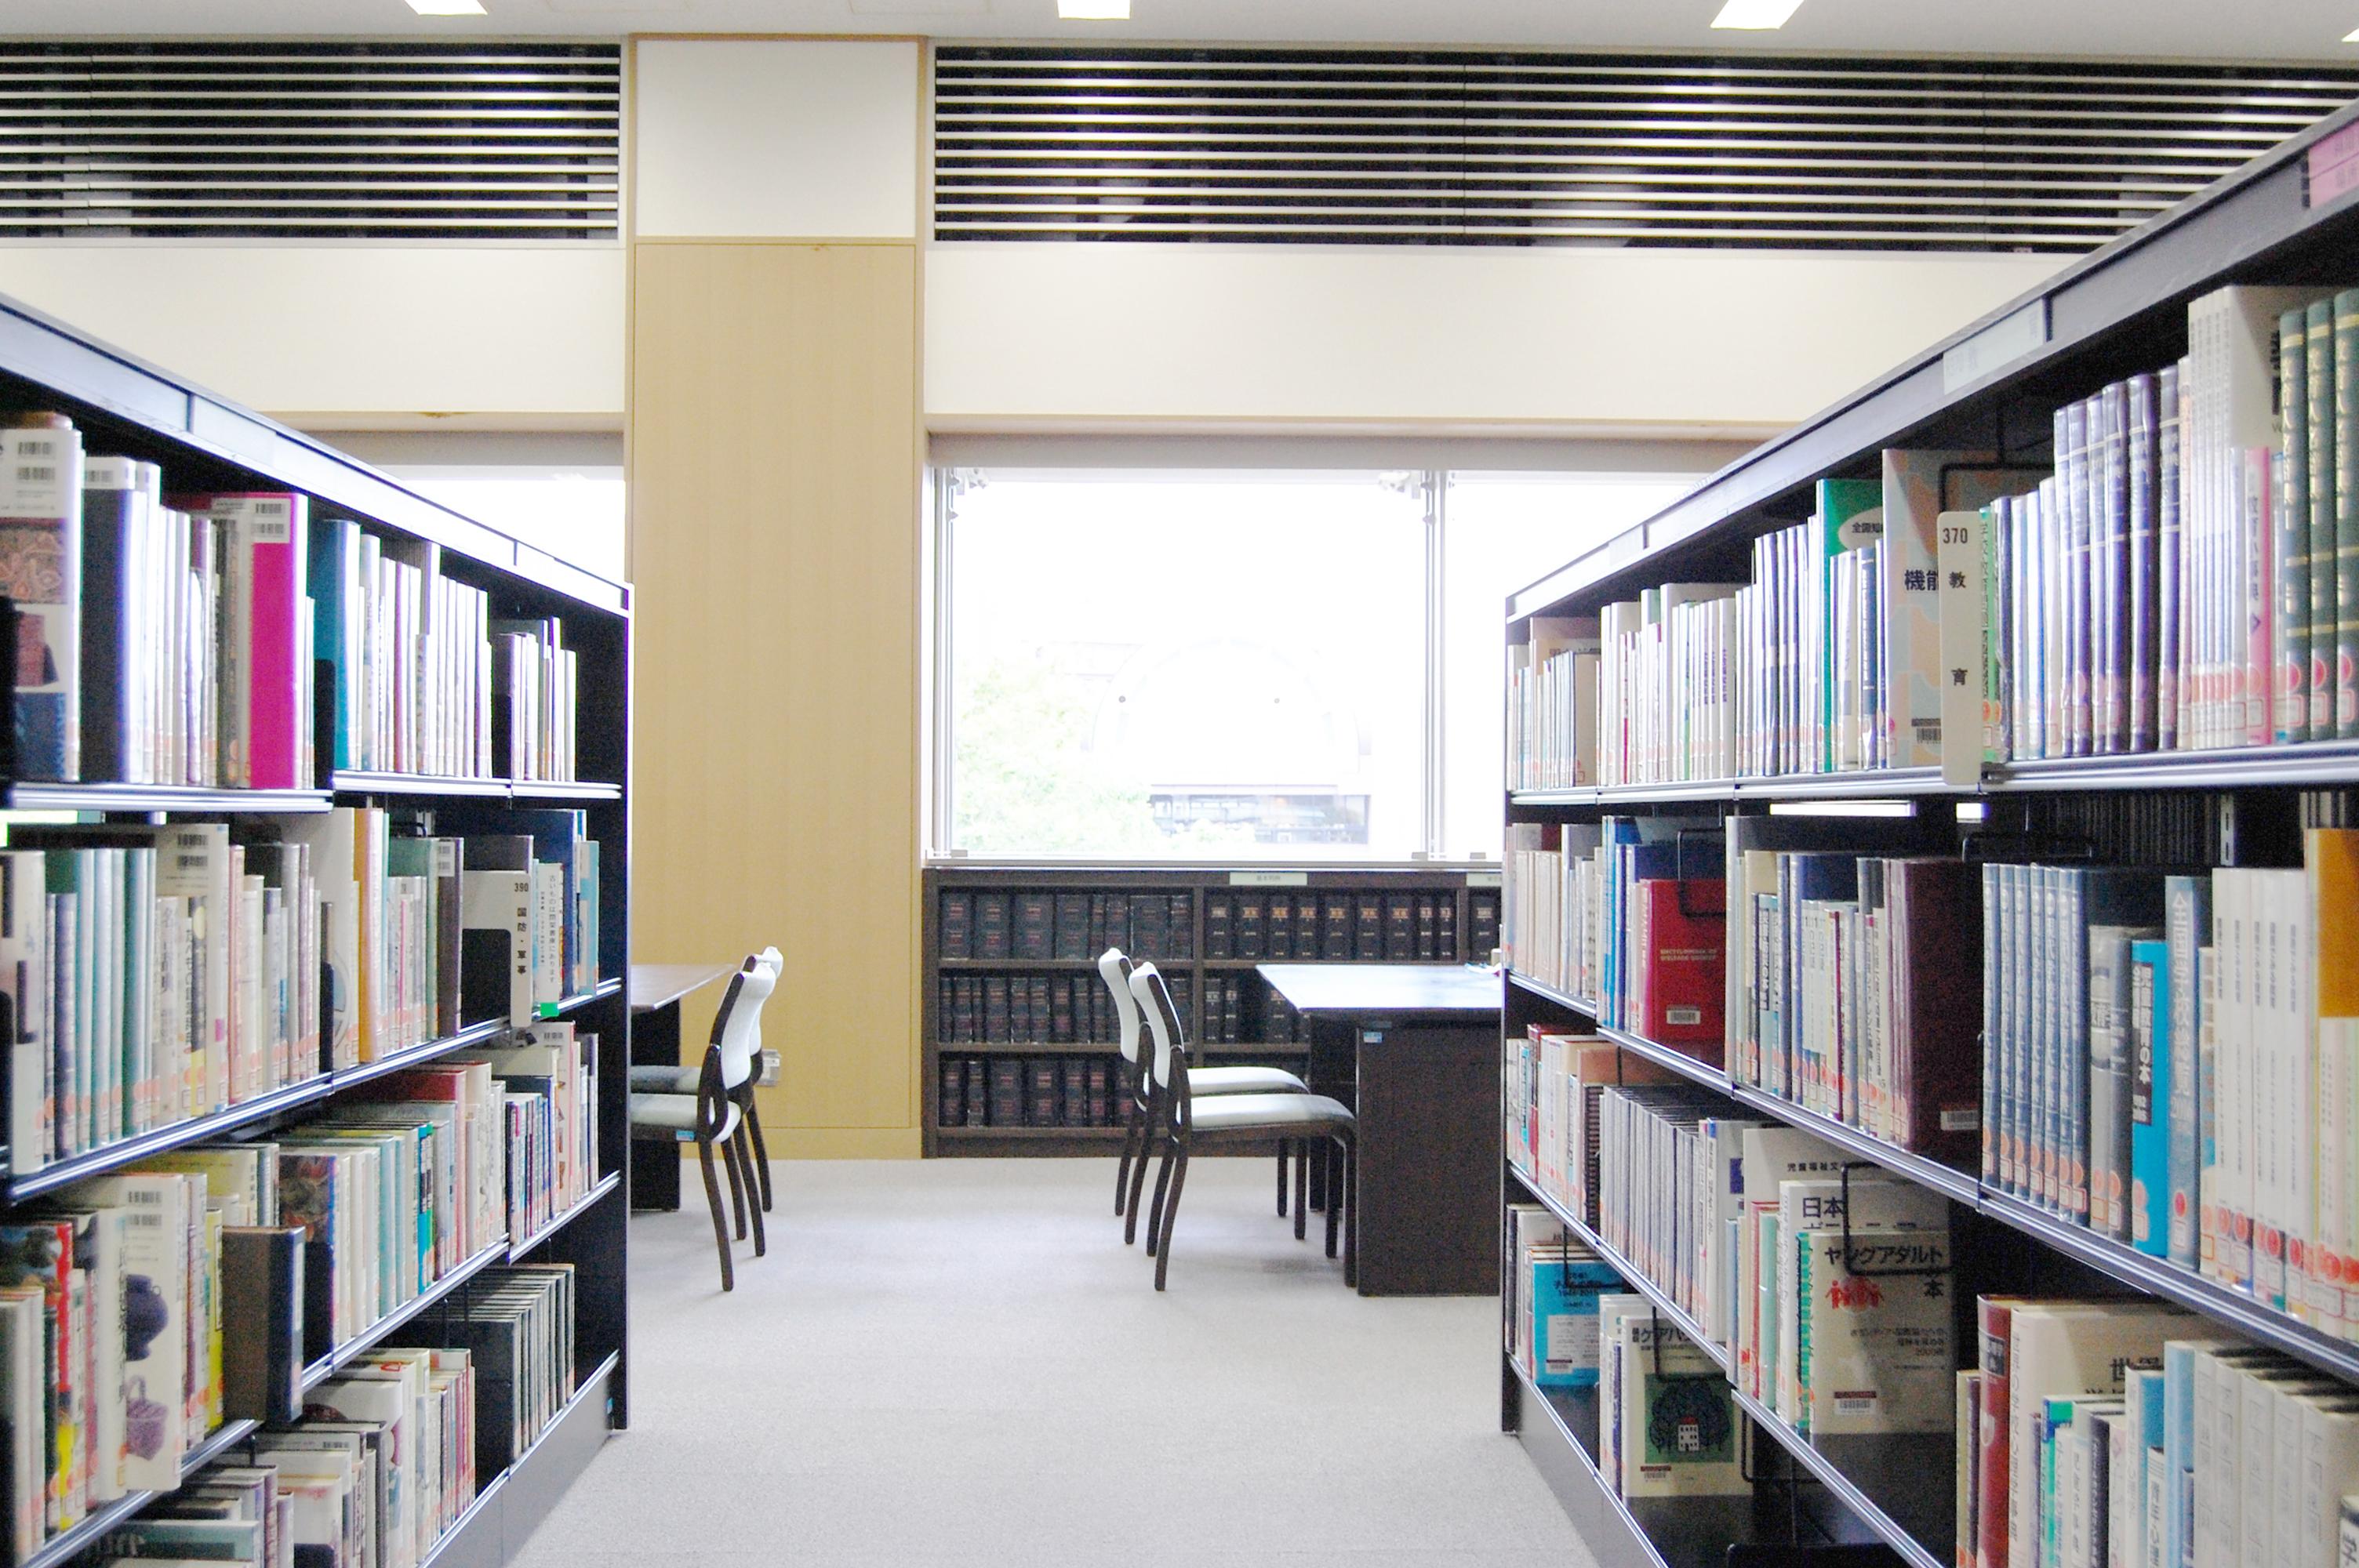 「フリー画像 図書館」の画像検索結果